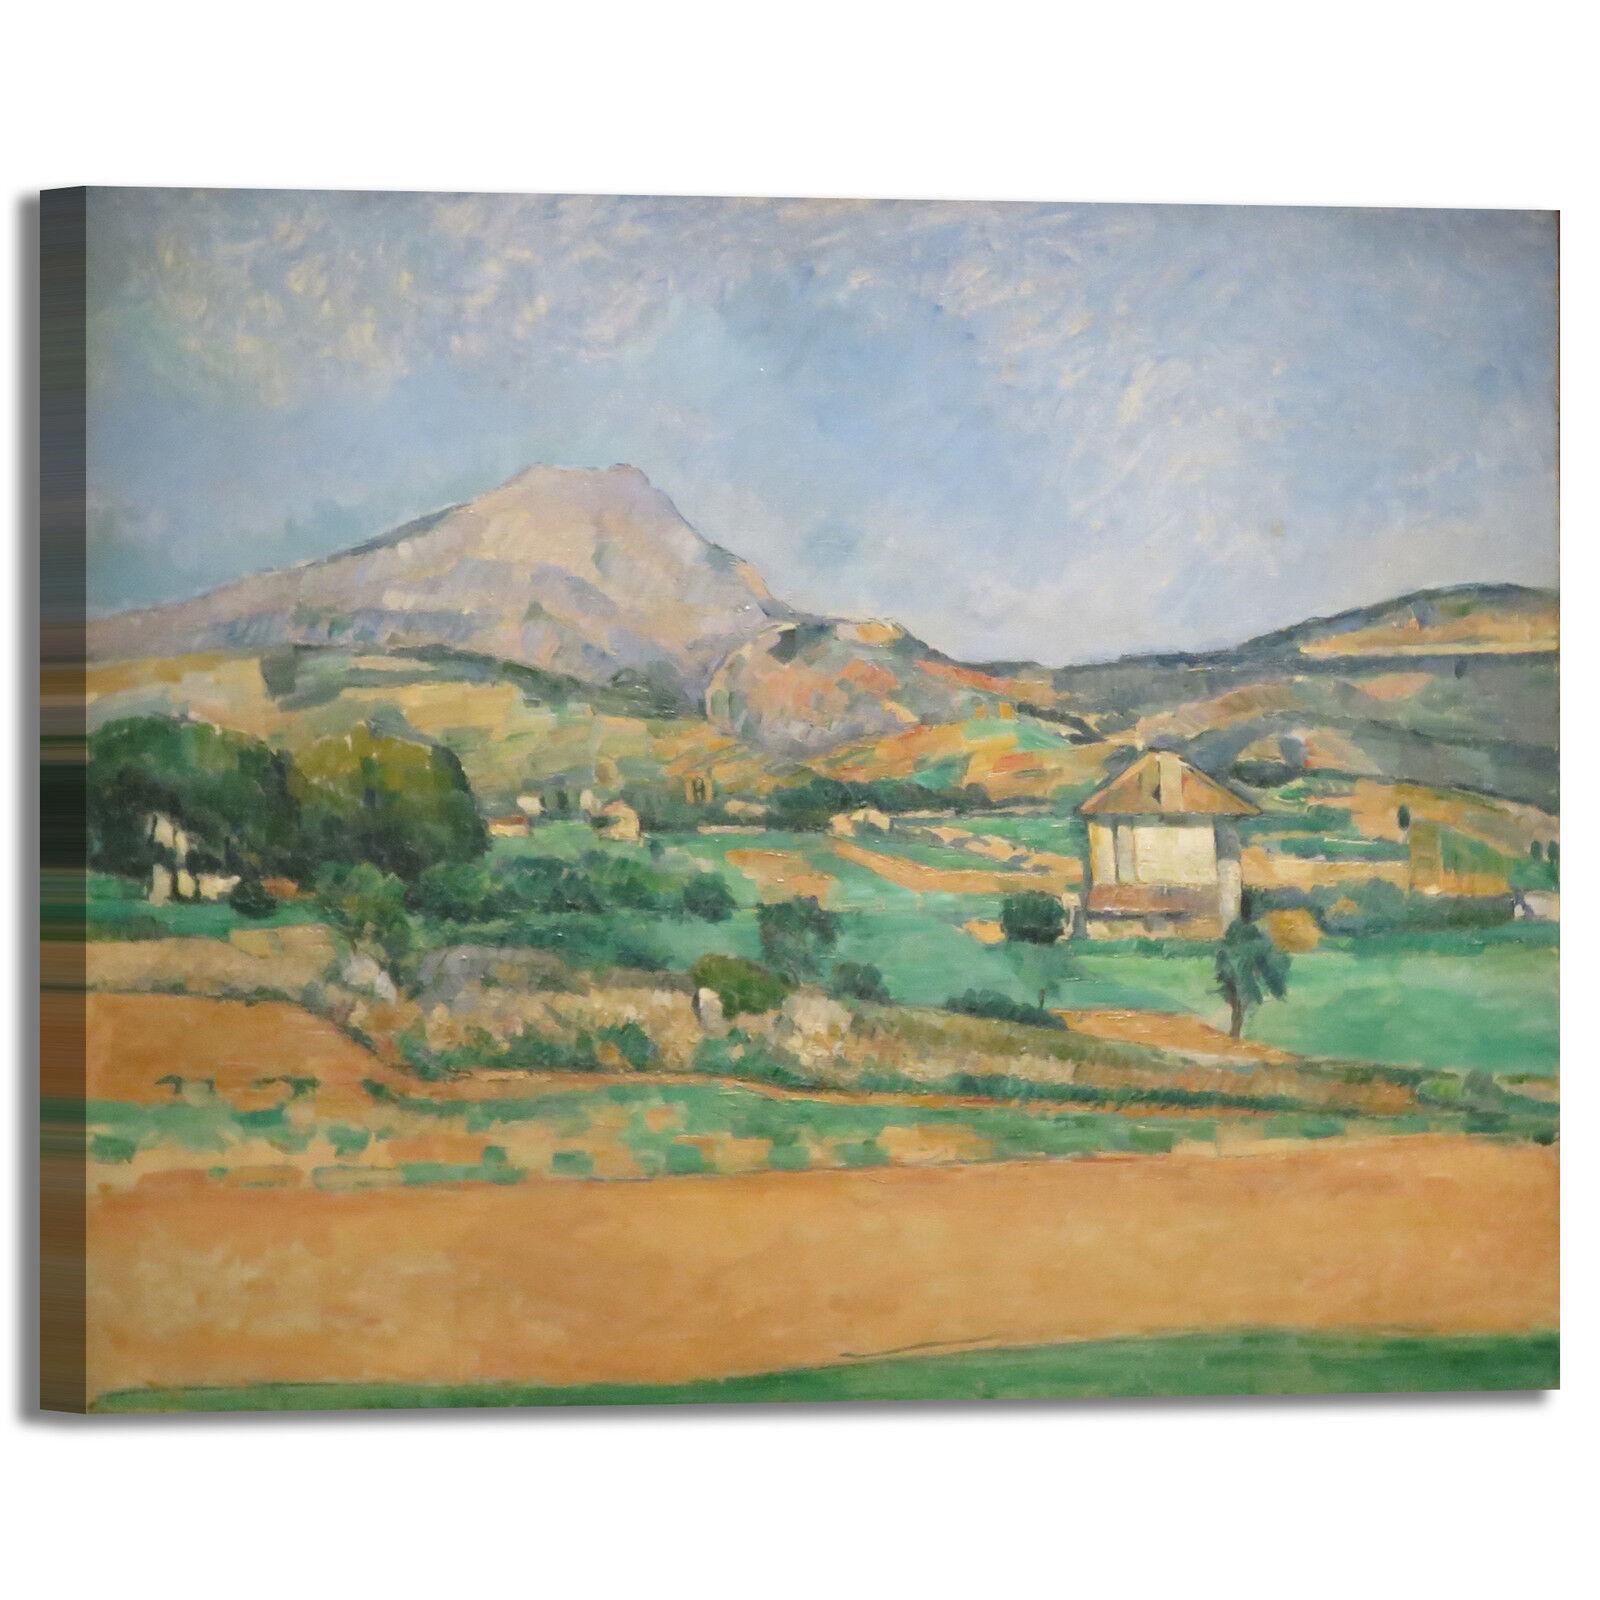 Cezanne pianura design quadro stampa tela dipinto con telaio arroto casa